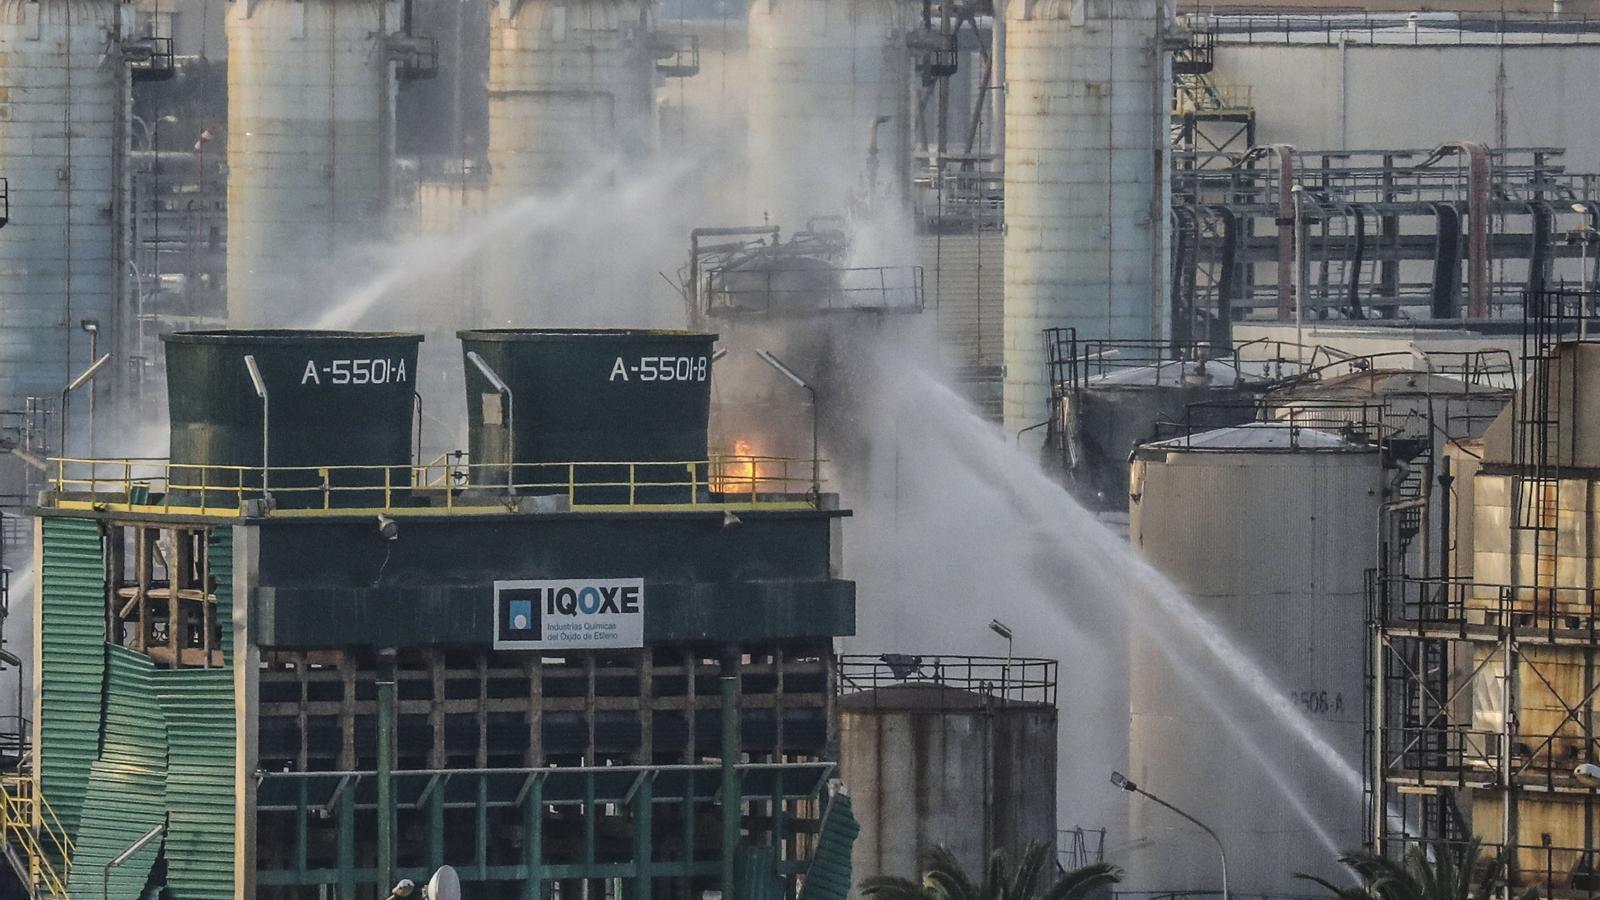 L'empresa no va avisar de l'explosió i va endarrerir l'alerta d'emergència